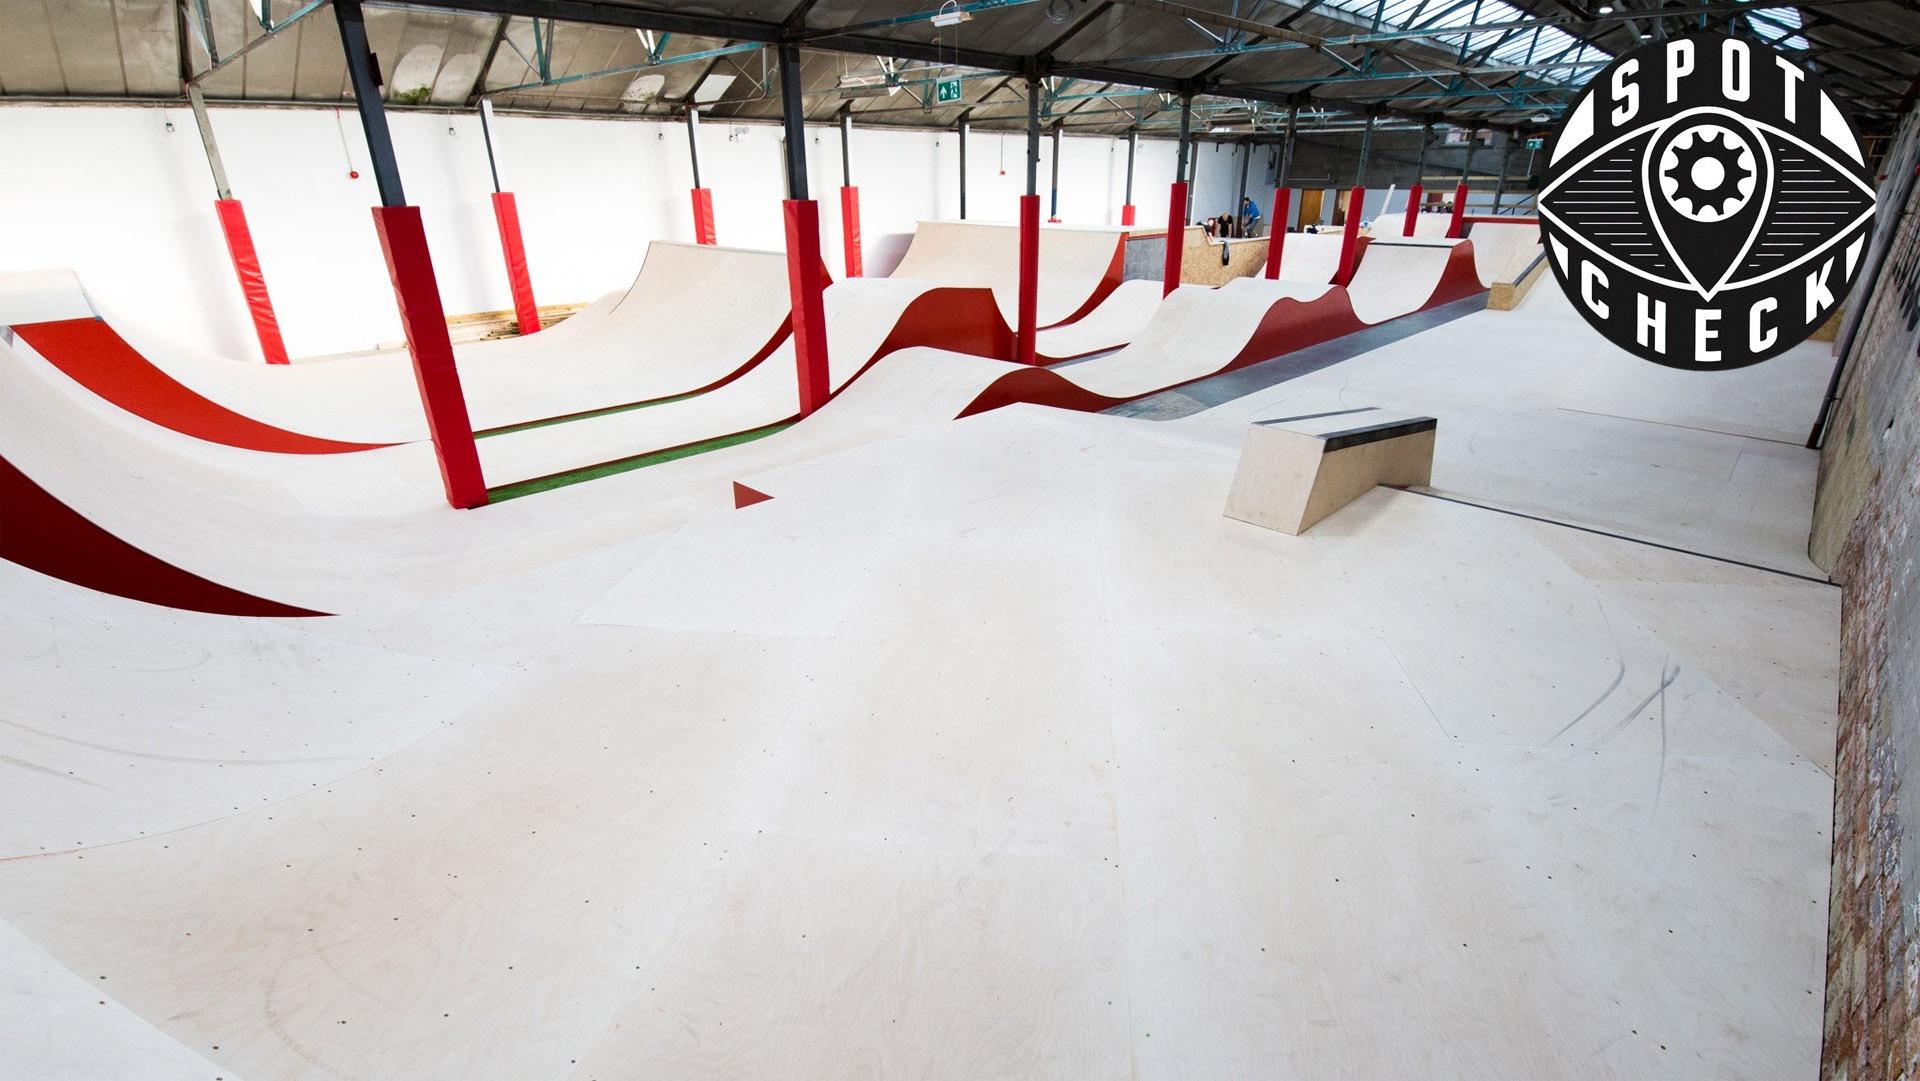 THE RAMP HOUSE: Inside Belfast's New Indoor Skatepark